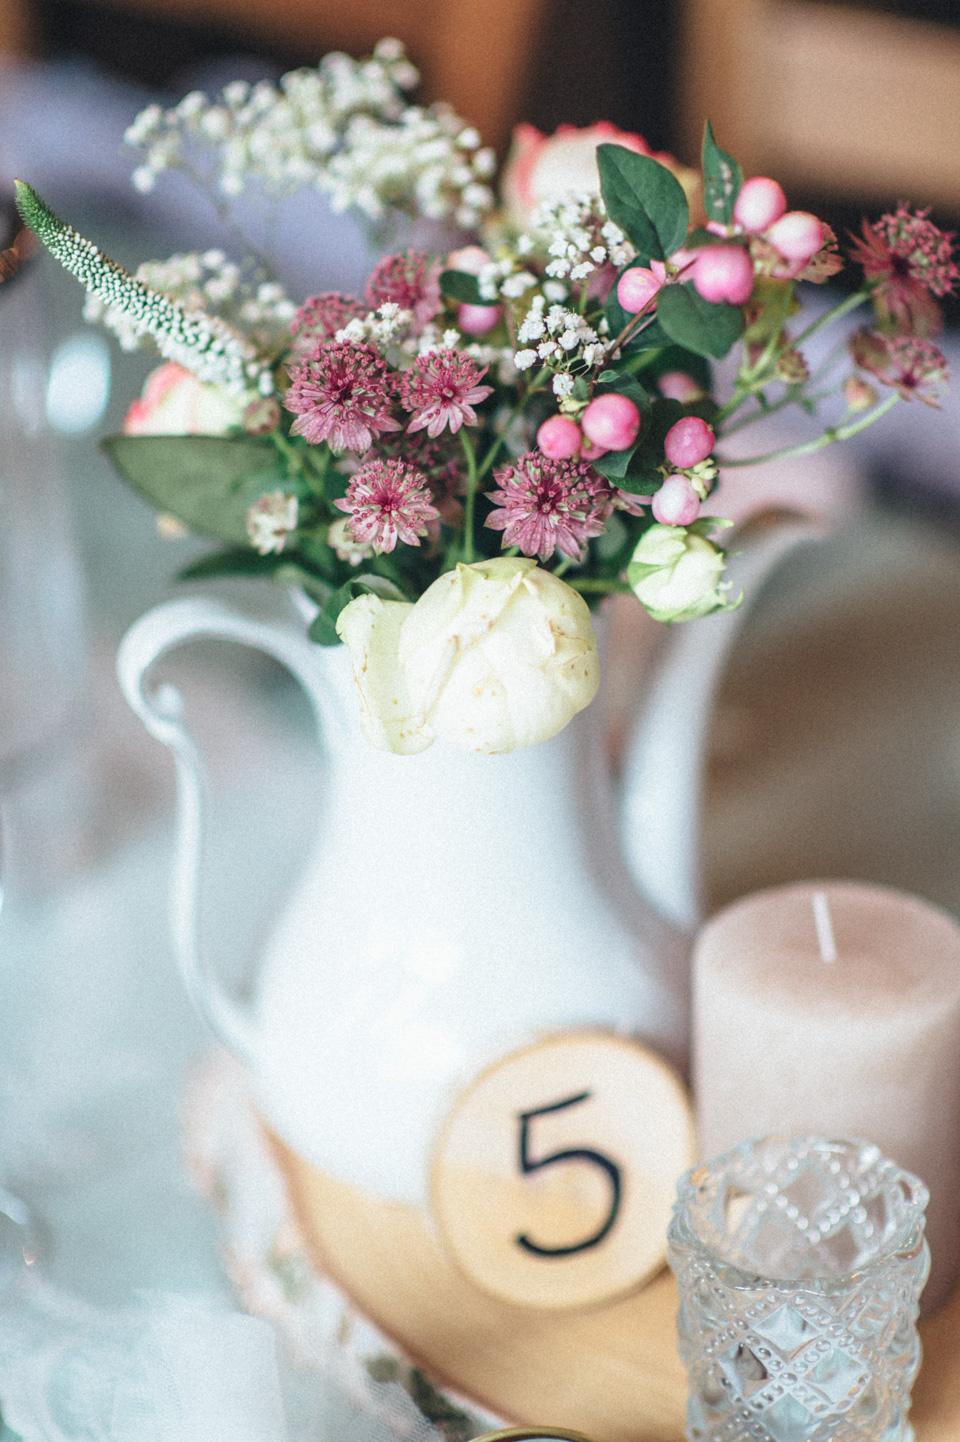 diy-wedding-bayern-115 Isabell & Tomaj Vintage DIY Hochzeit in Bayerndiy wedding bayern 115